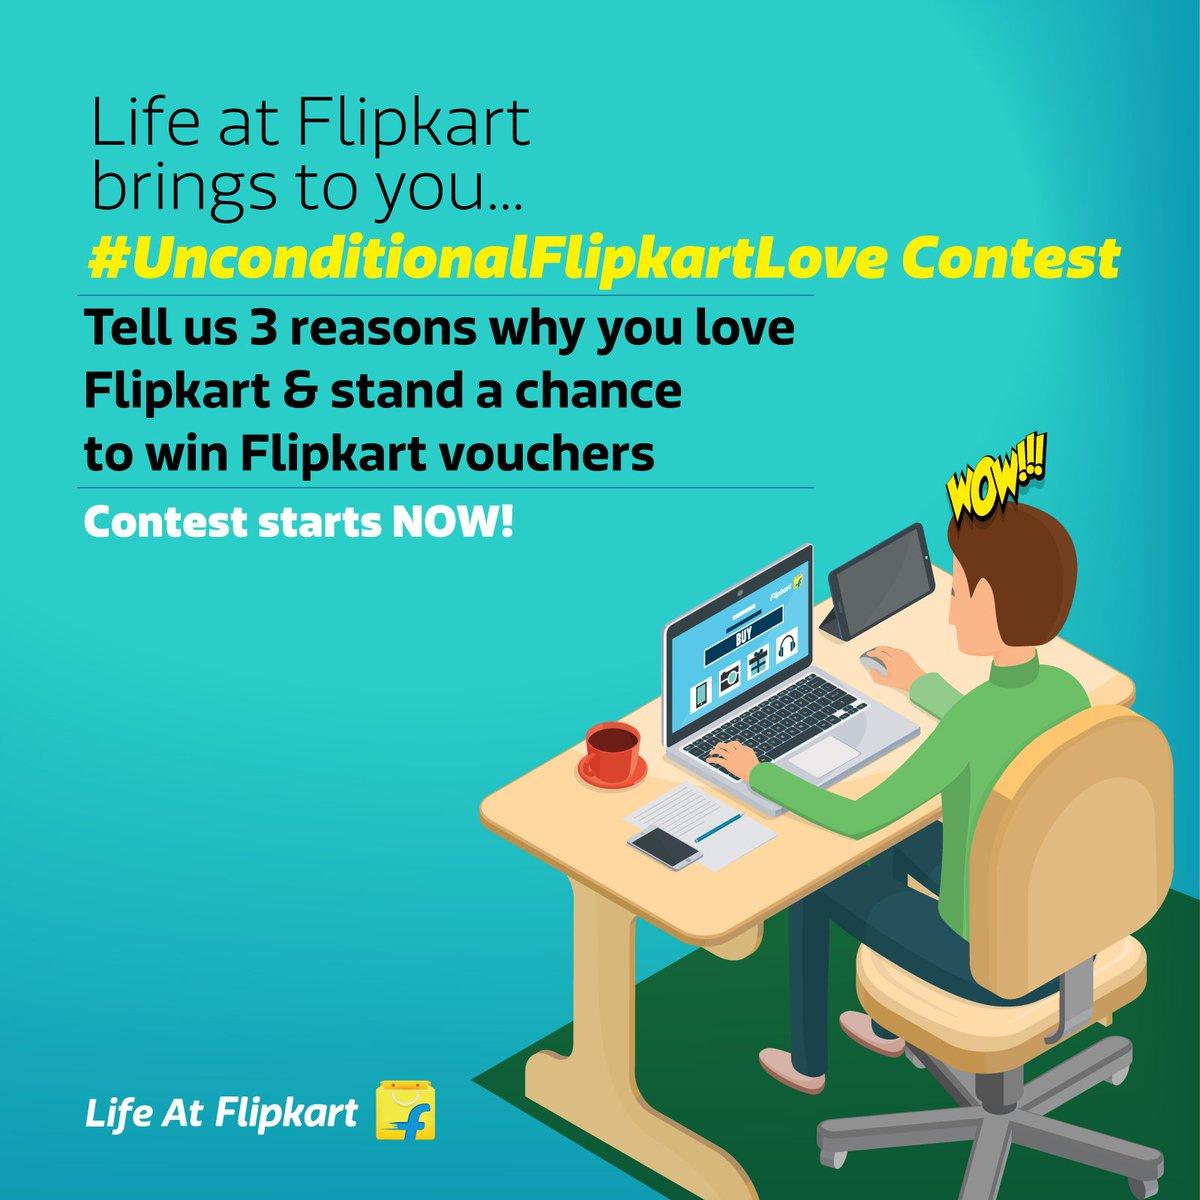 Life At Flipkart on Twitter: